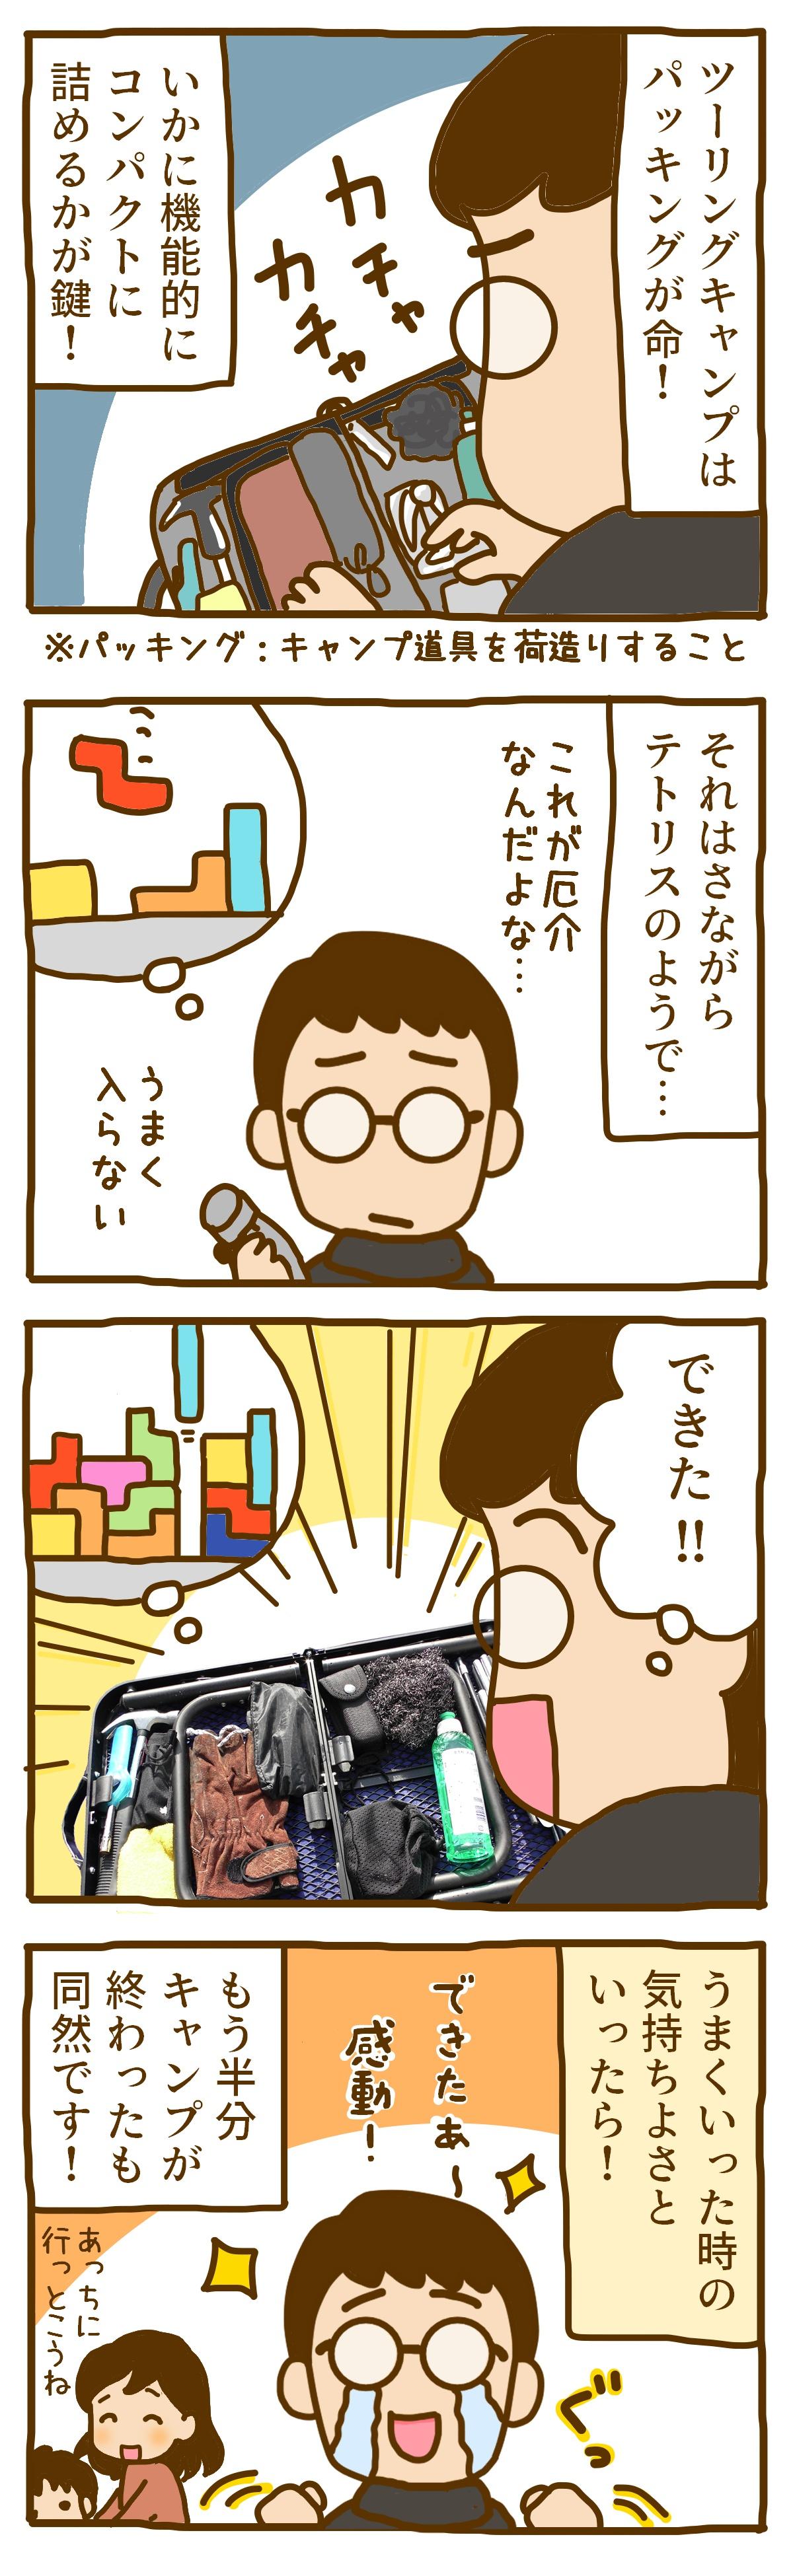 漫画139-1